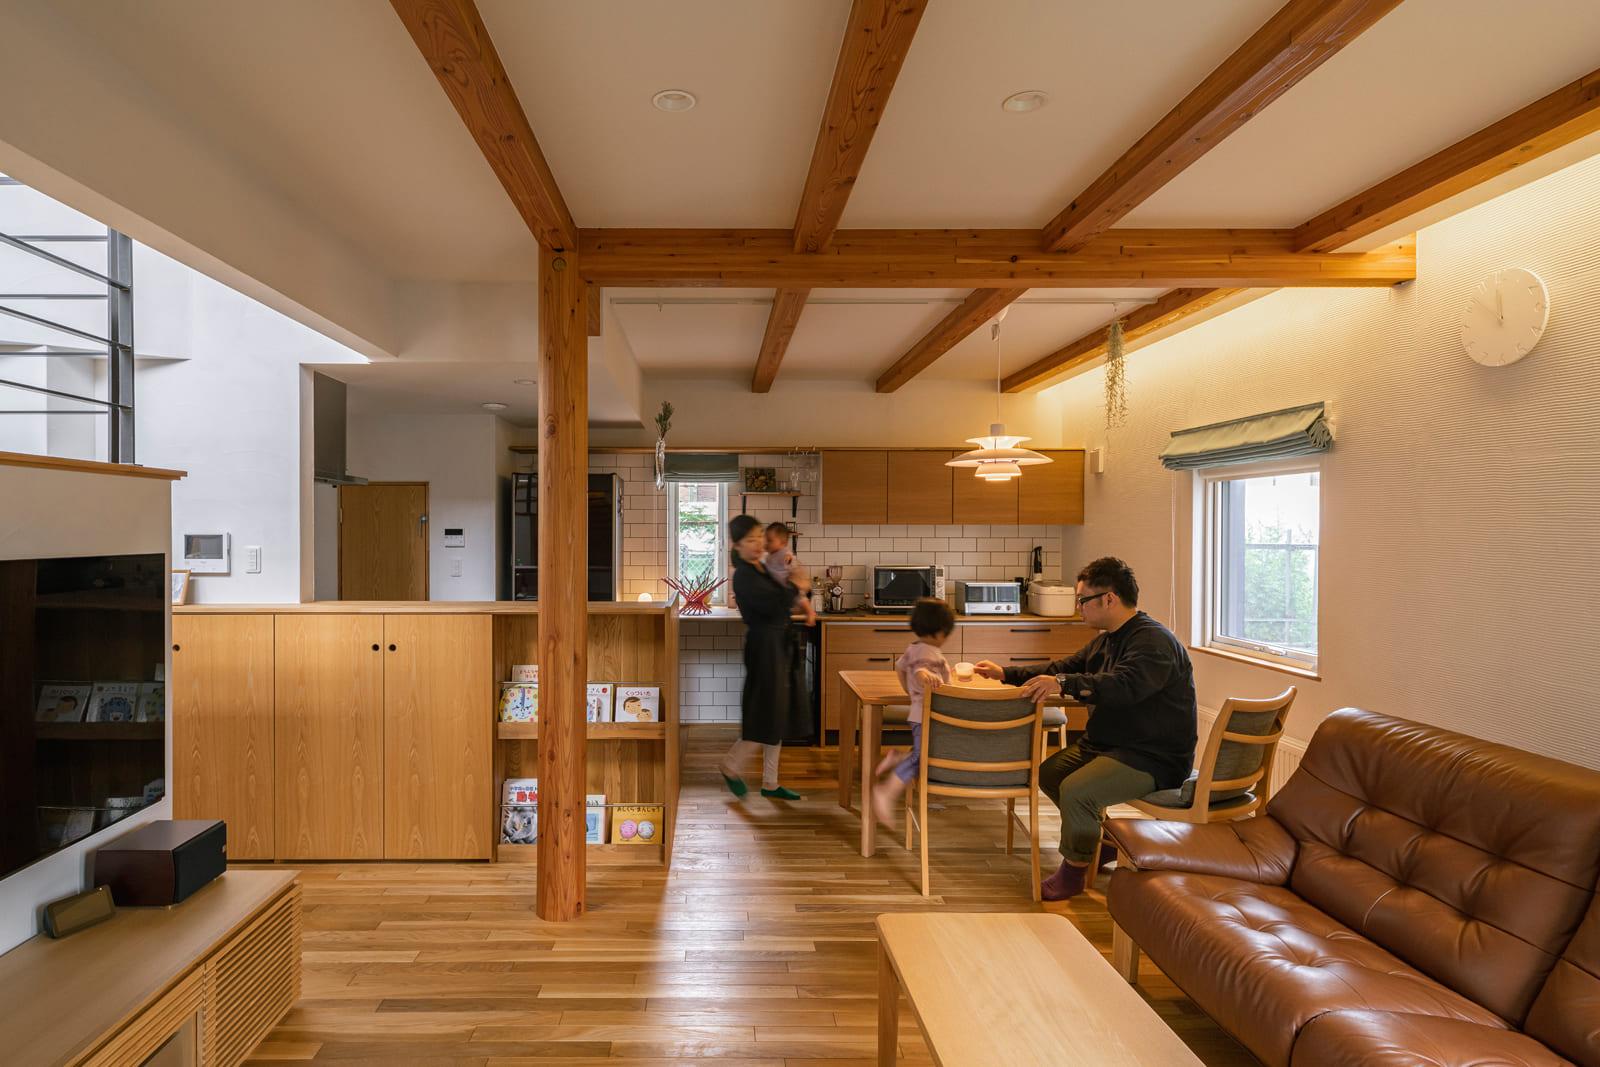 間仕切りなしでつながるLDK。構造を一部現しにした低めの天井がくつろぎ空間に落ち着きと木陰のような心地よさを与える。床はナラ無垢材、壁は珪藻土仕上げ